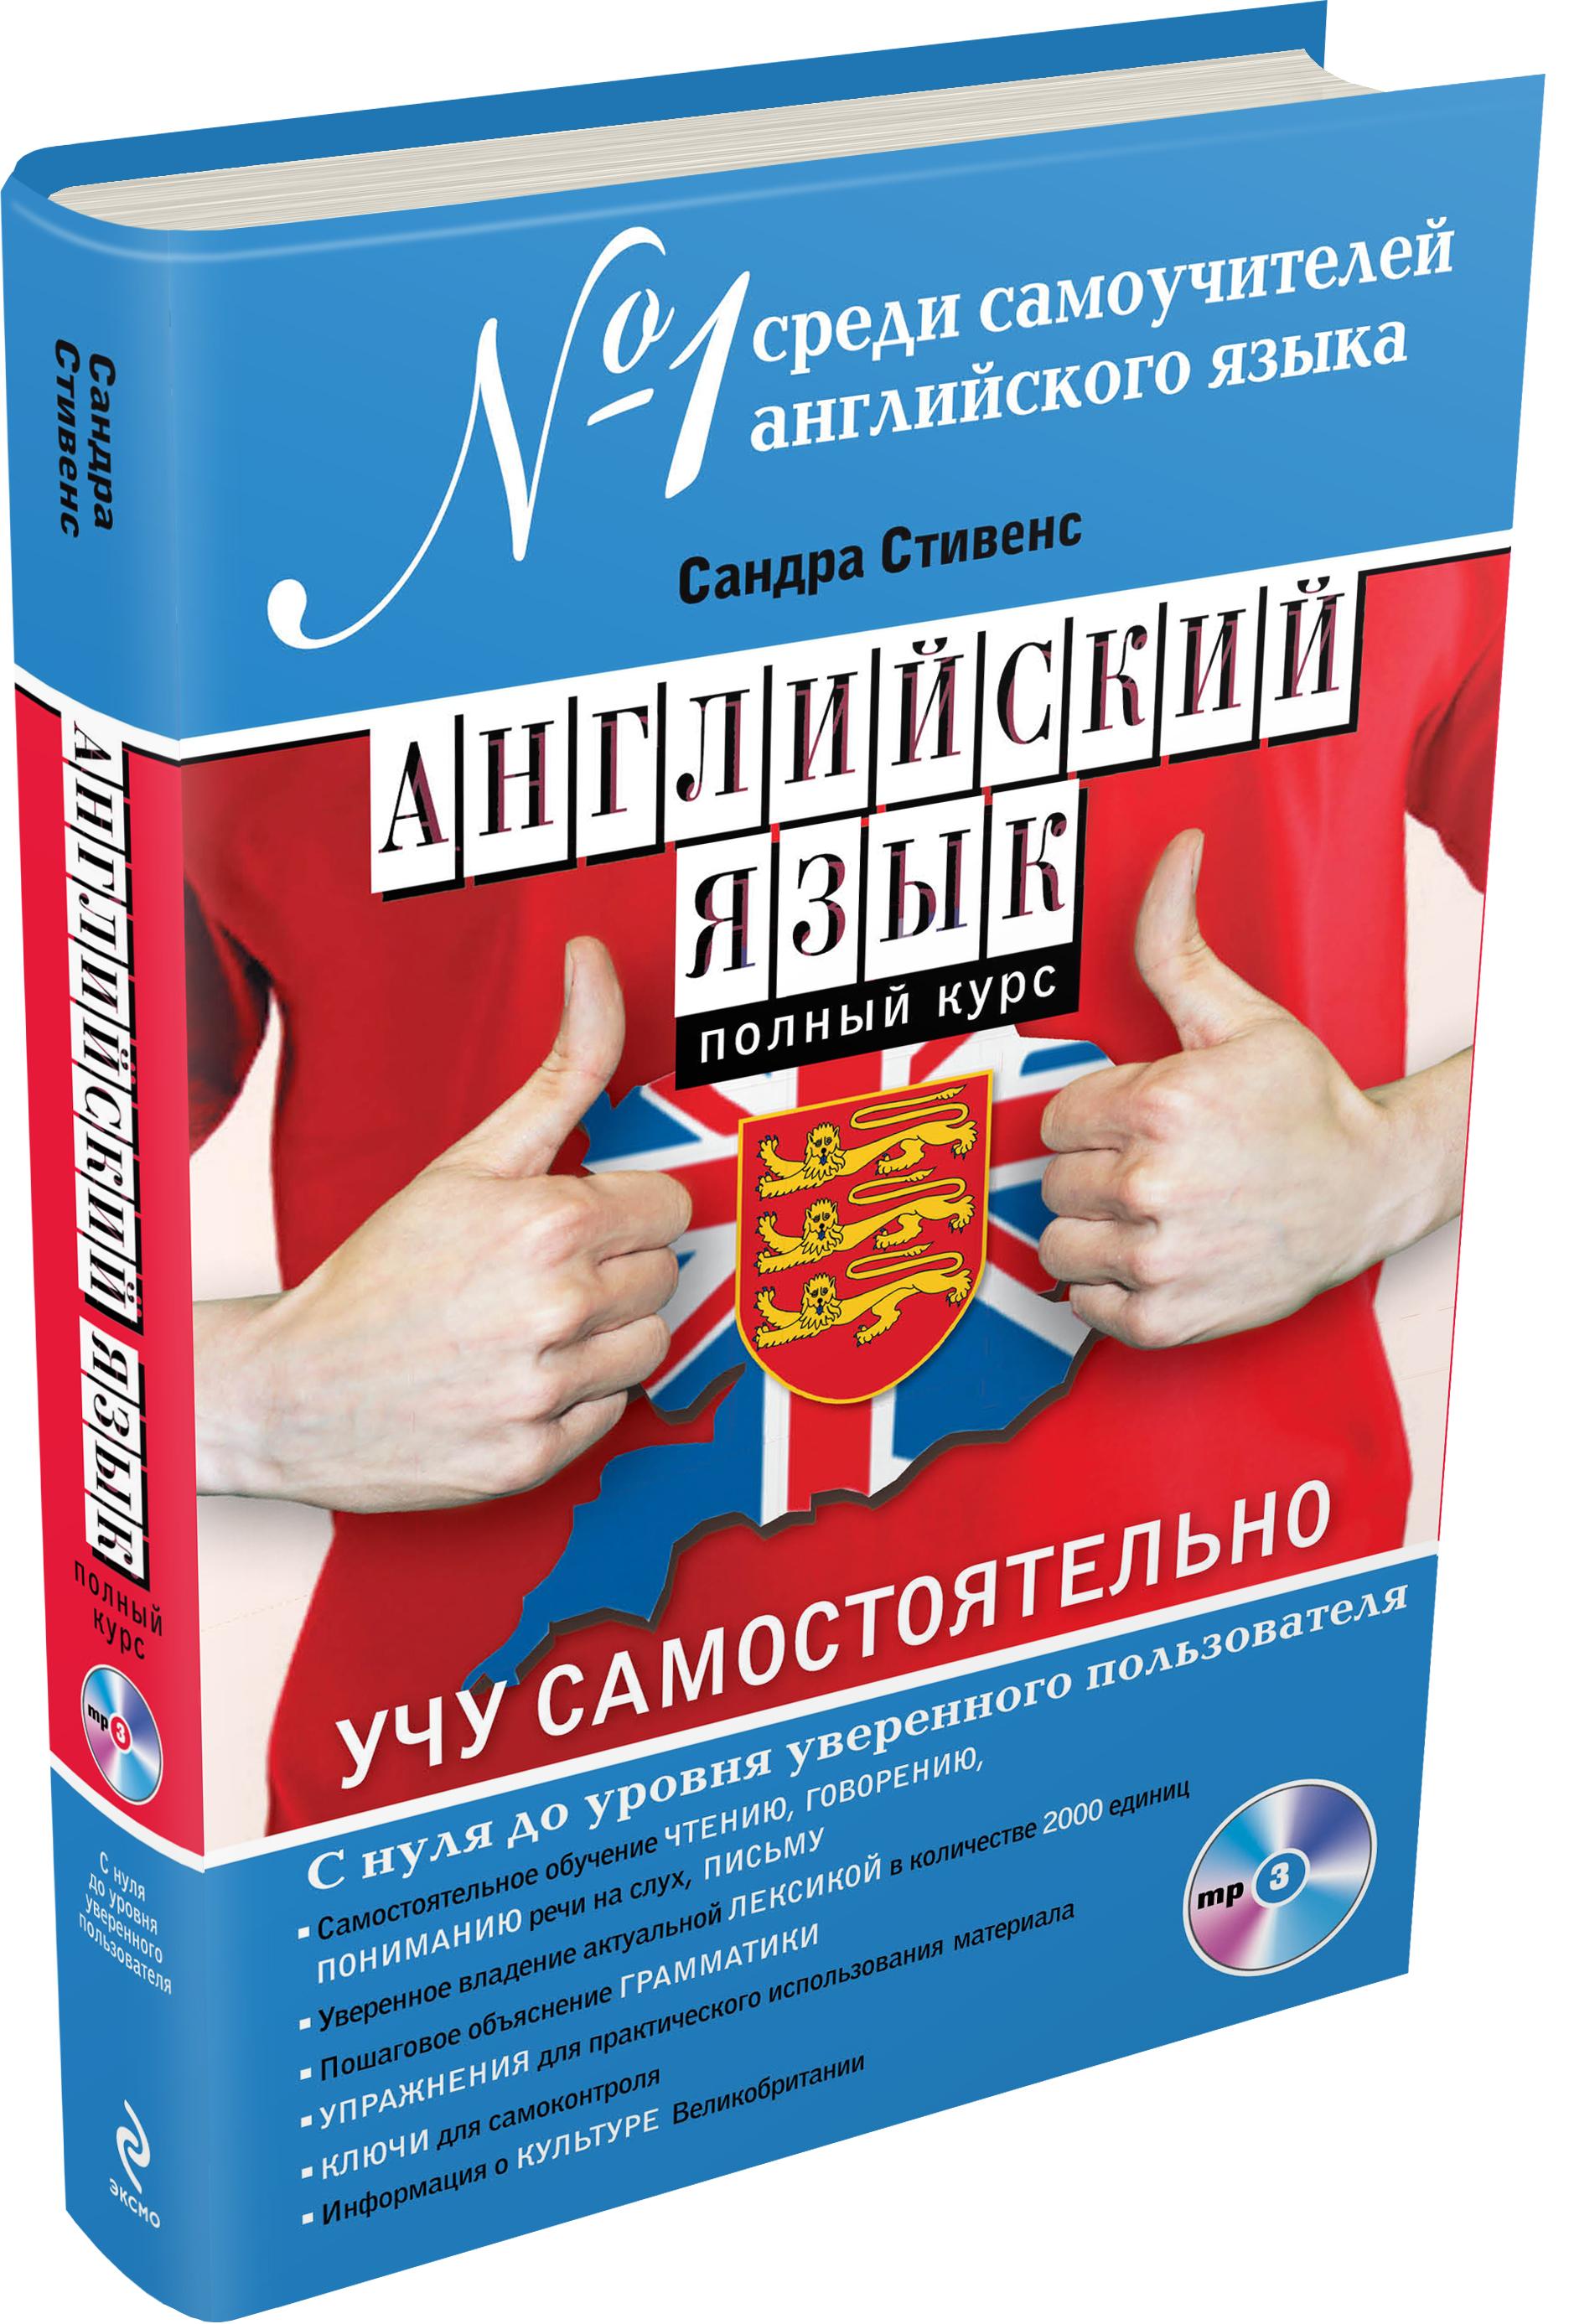 Английский язык. Полный курс. Учу самостоятельно (+CD)